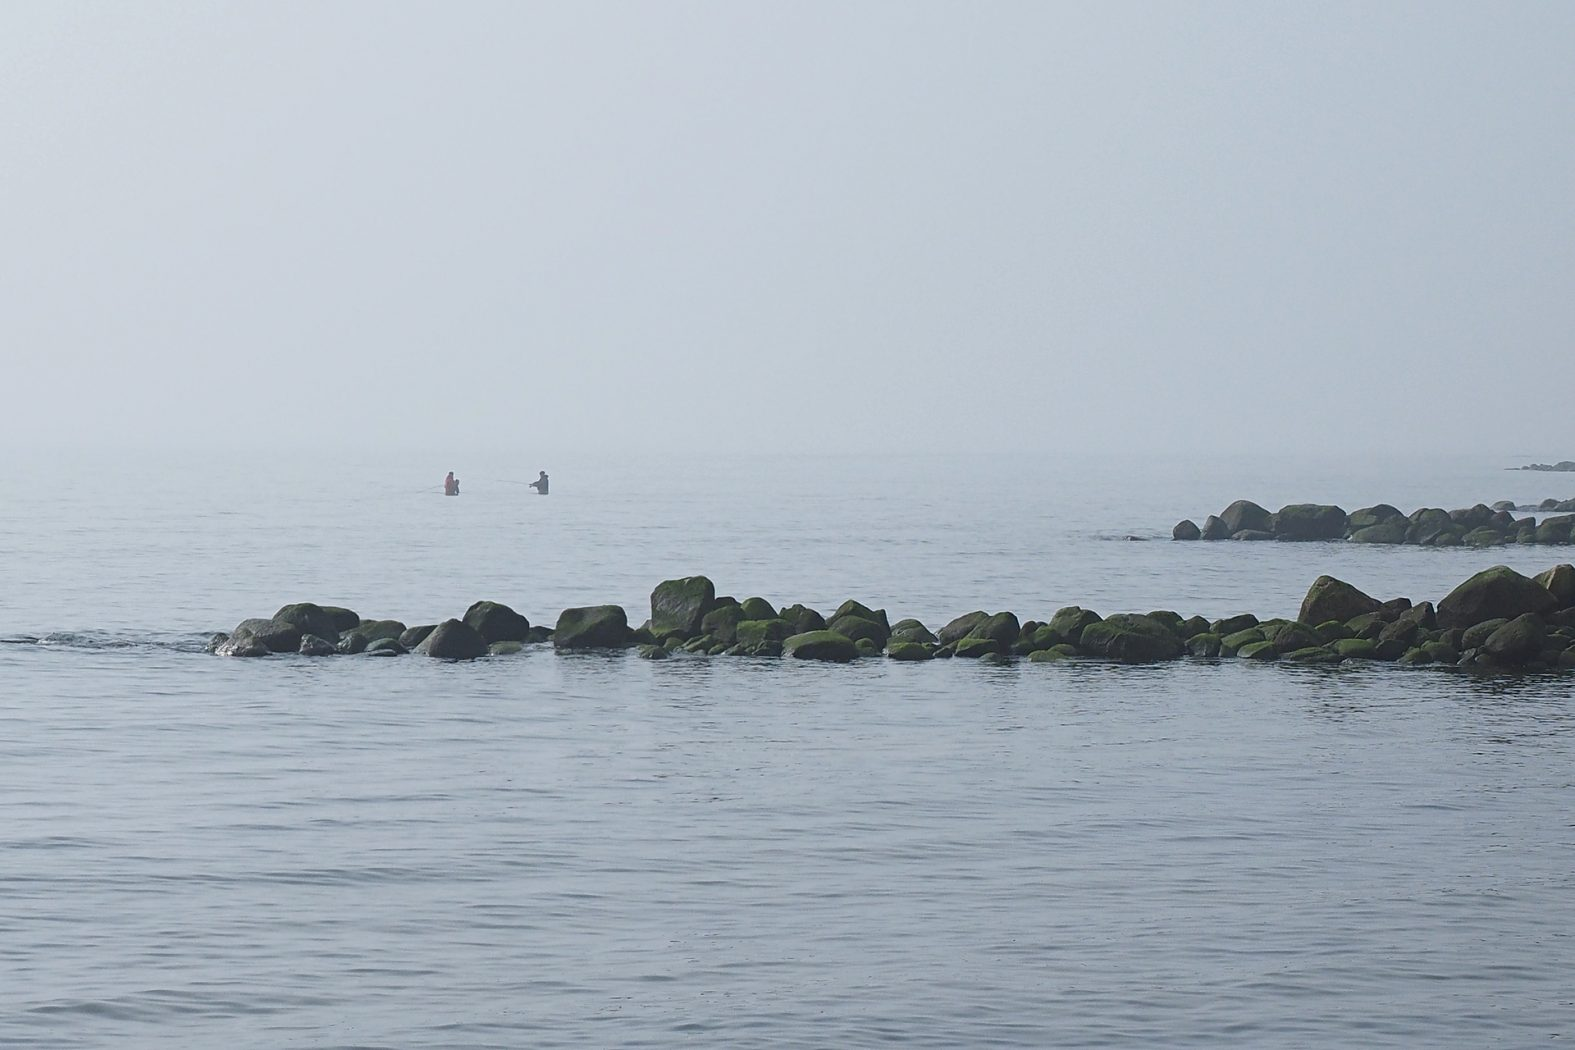 Auf Dorsch angeln vom Ufer